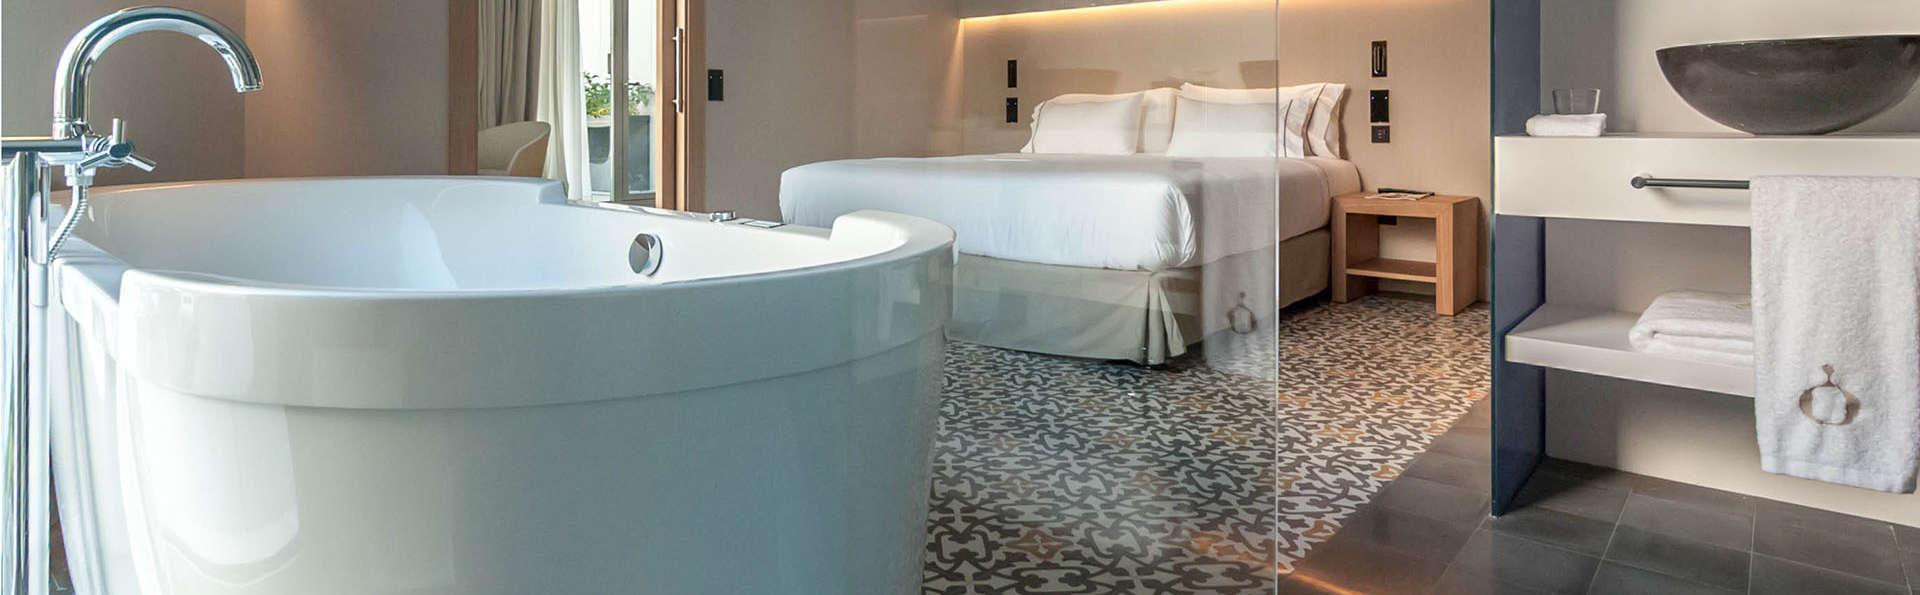 Estancia en una suite con bañera de hidromasaje a media hora de Barcelona